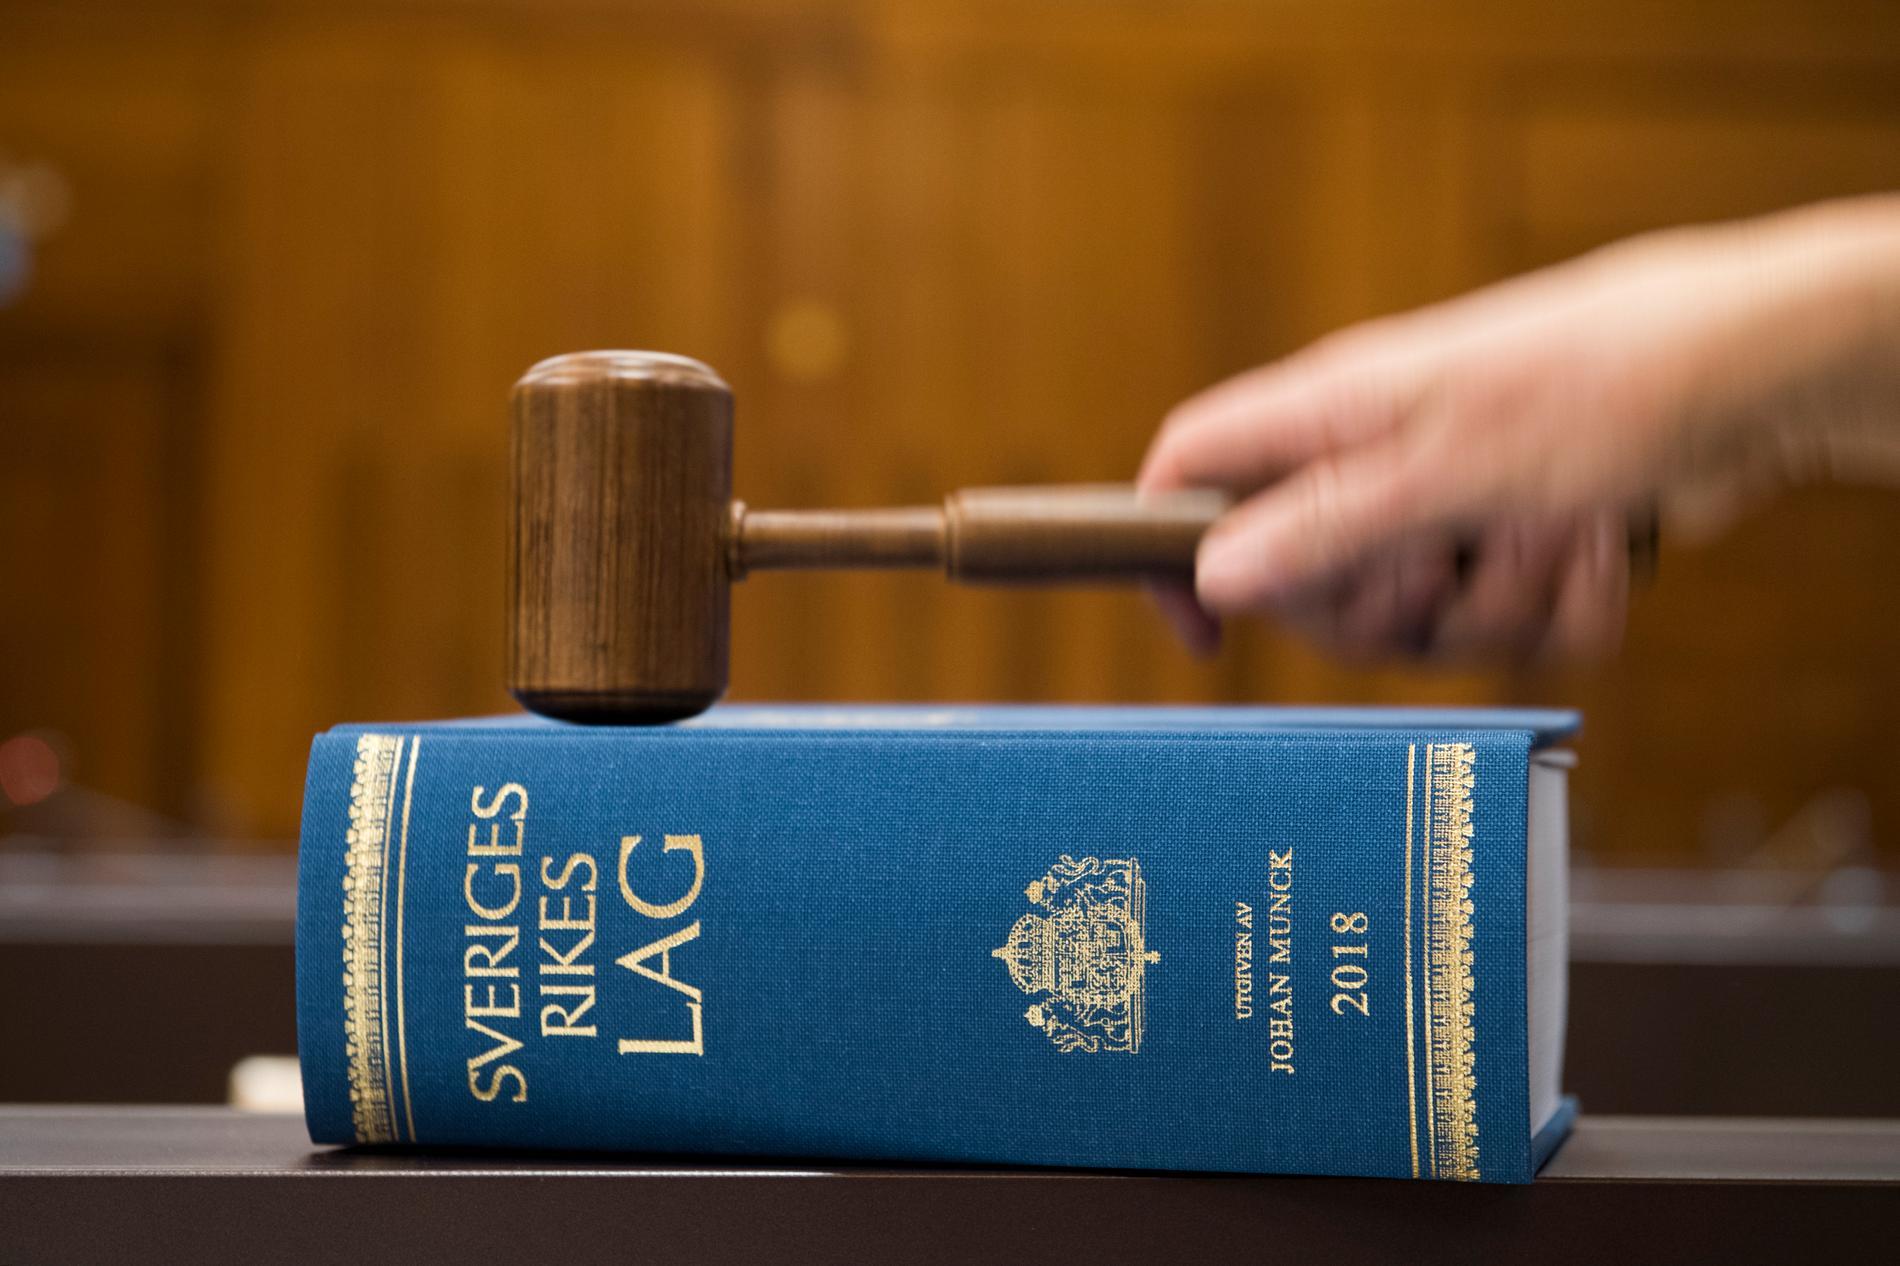 Stockholms tingsrätt tyckte inte att åklagarens bevis höll för att häkta en taxichaufför som körde på en kund så illa att kunde dog. Arkivbild.